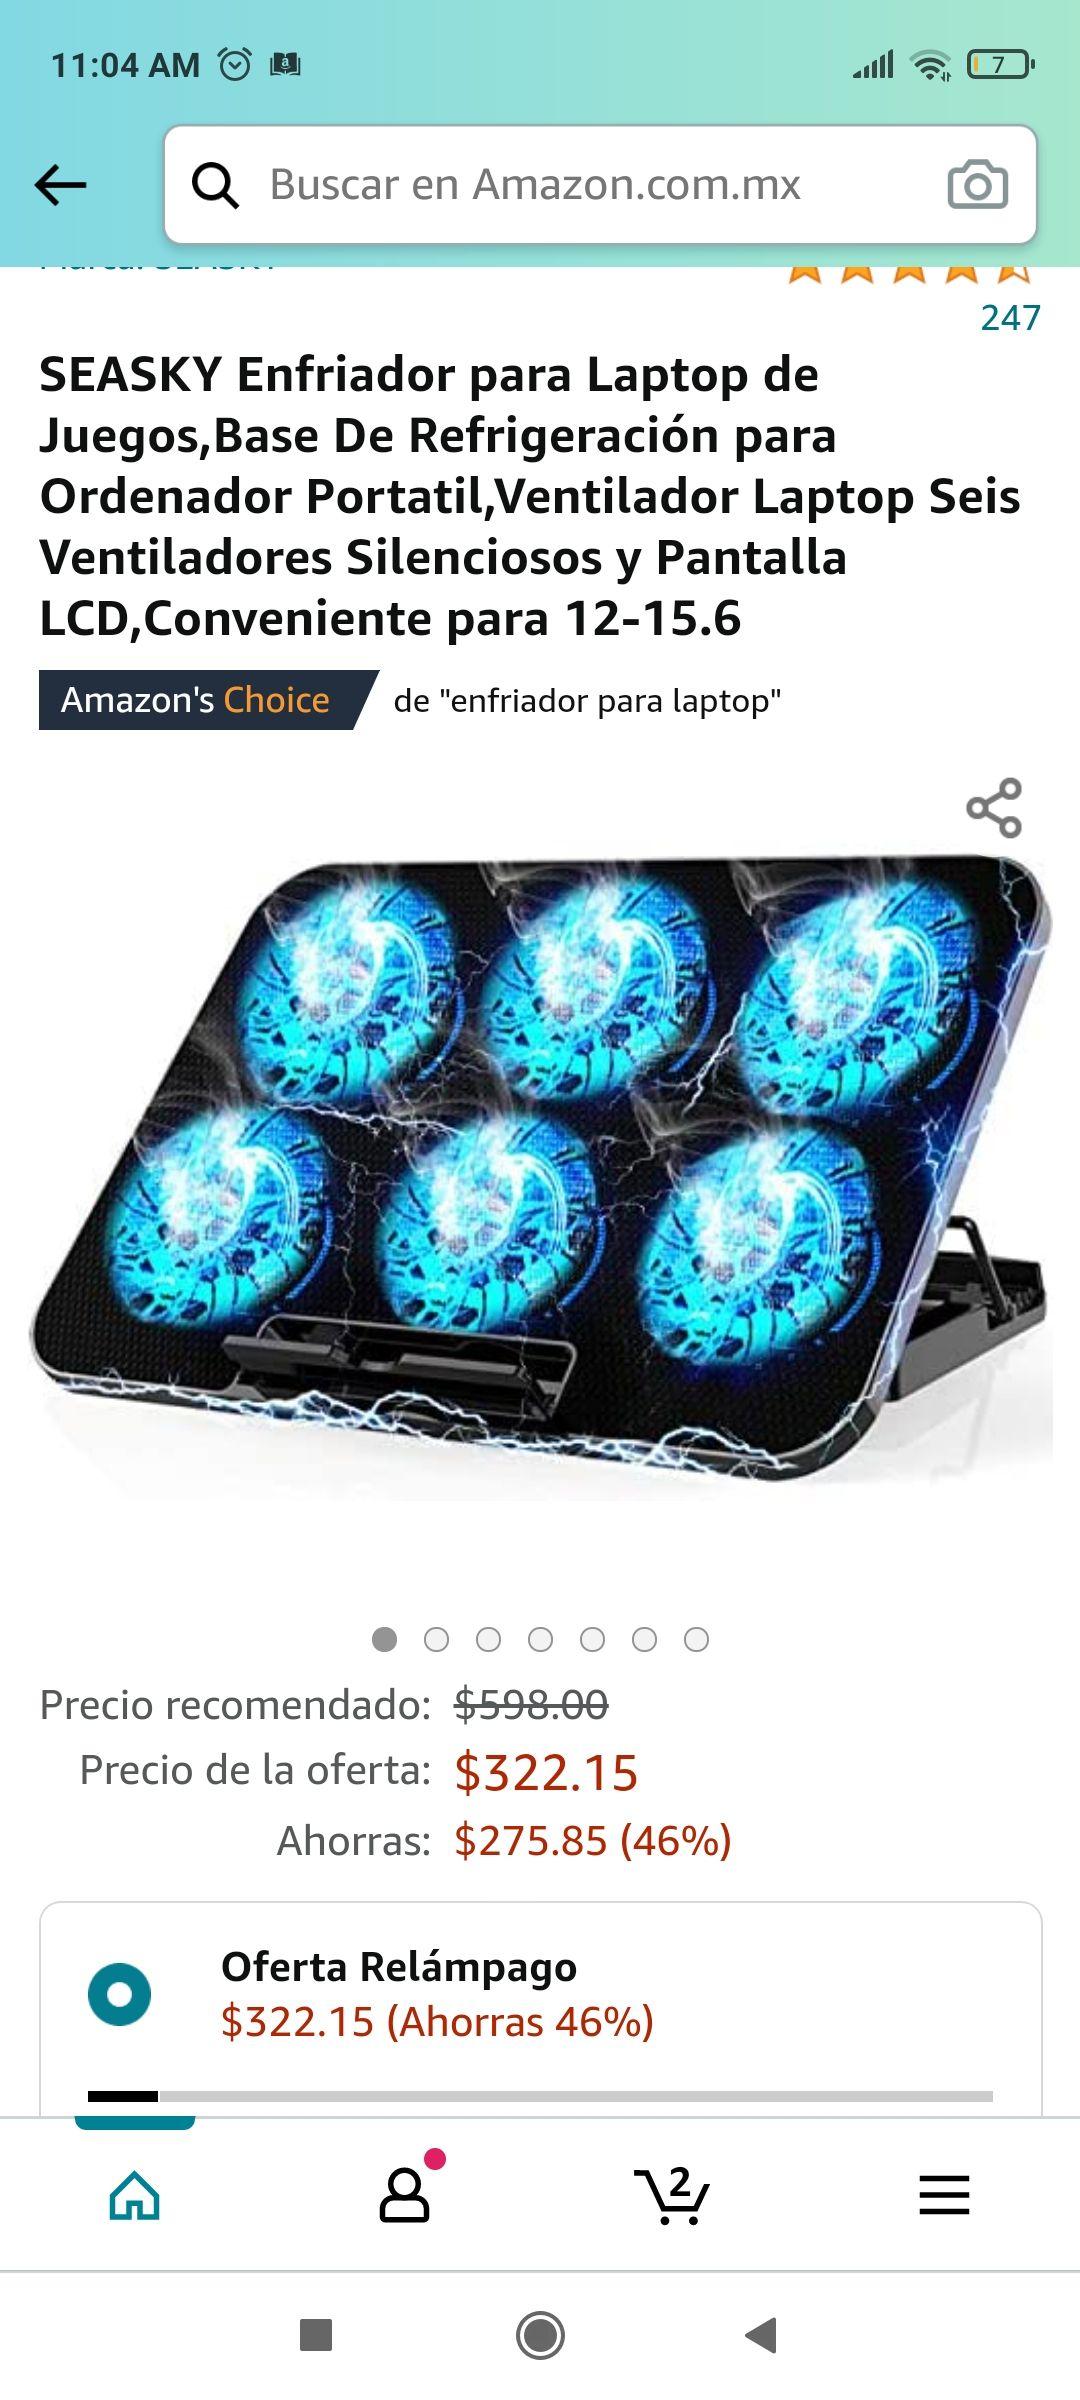 Amazon Enfriador para Laptop de Juegos,Base De Refrigeración para Ordenador Portatil,Ventilador Laptop Seis Ventiladores Silenciosos